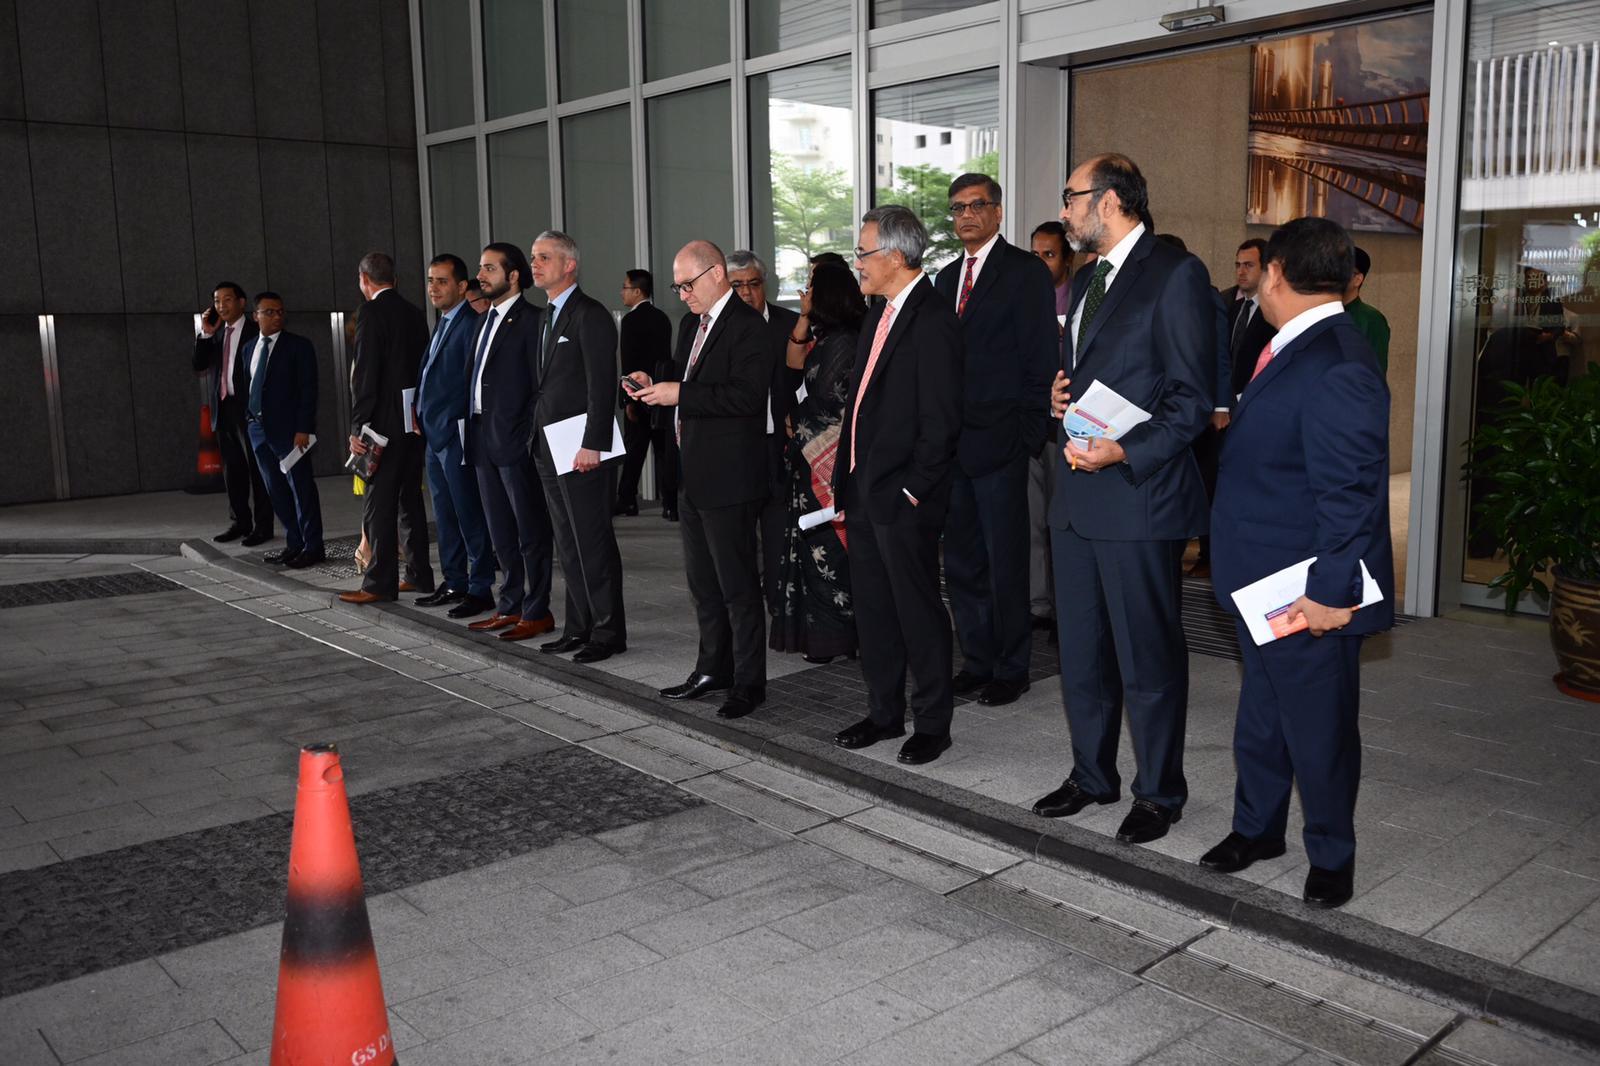 特首林郑月娥在政府总部约见多名驻港领事,解释政府修订《逃犯条例》立场。